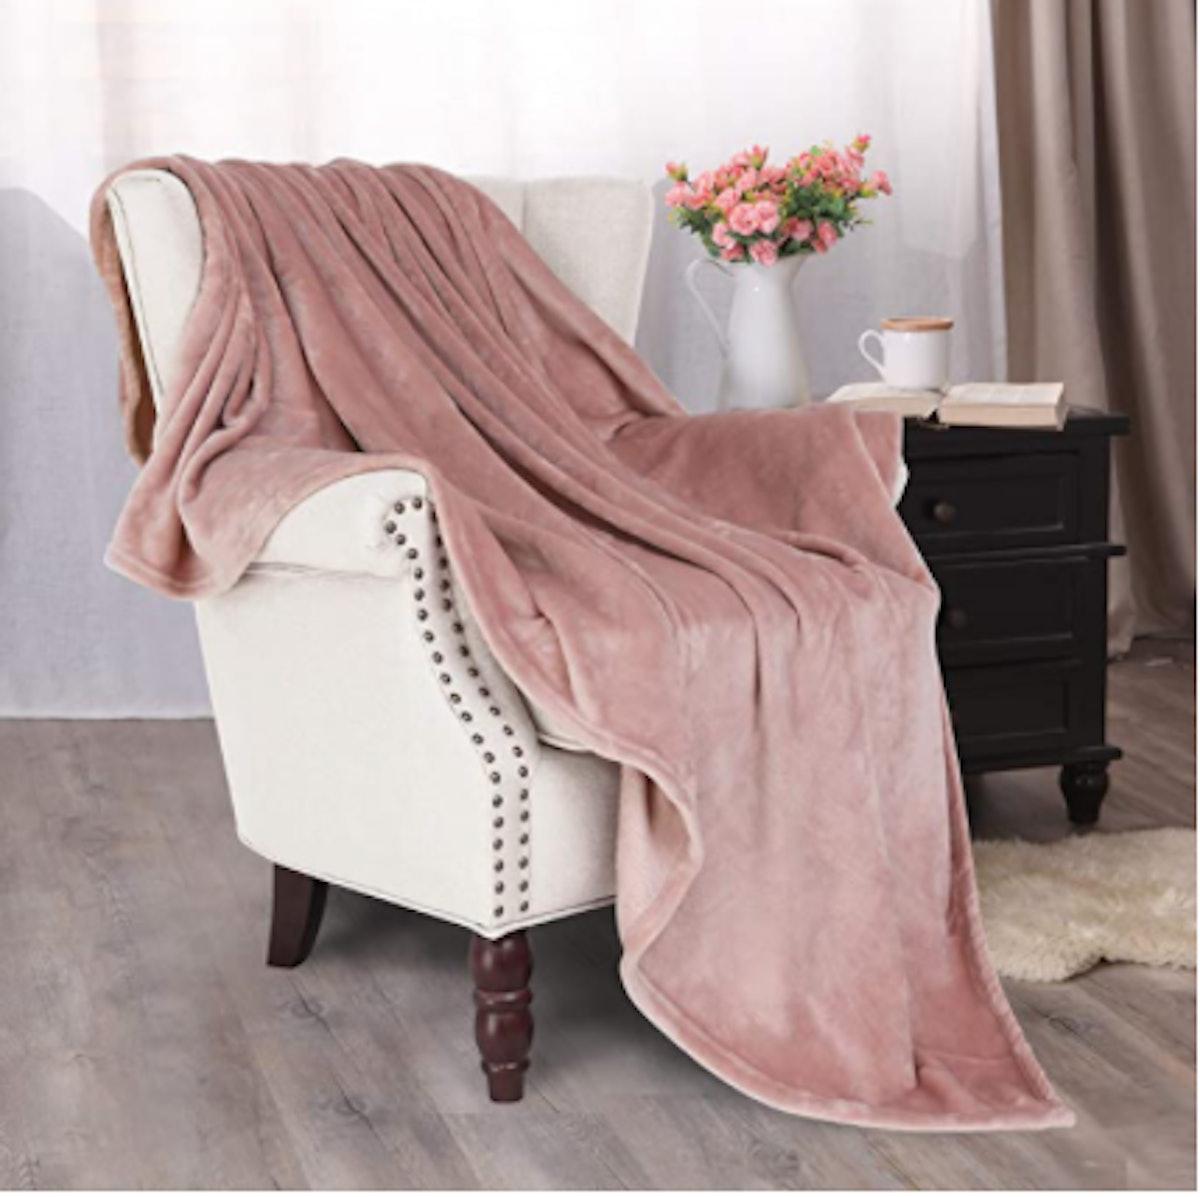 Exclusivo Mezcla Luxury Flannel Velvet Plush Throw Blanket